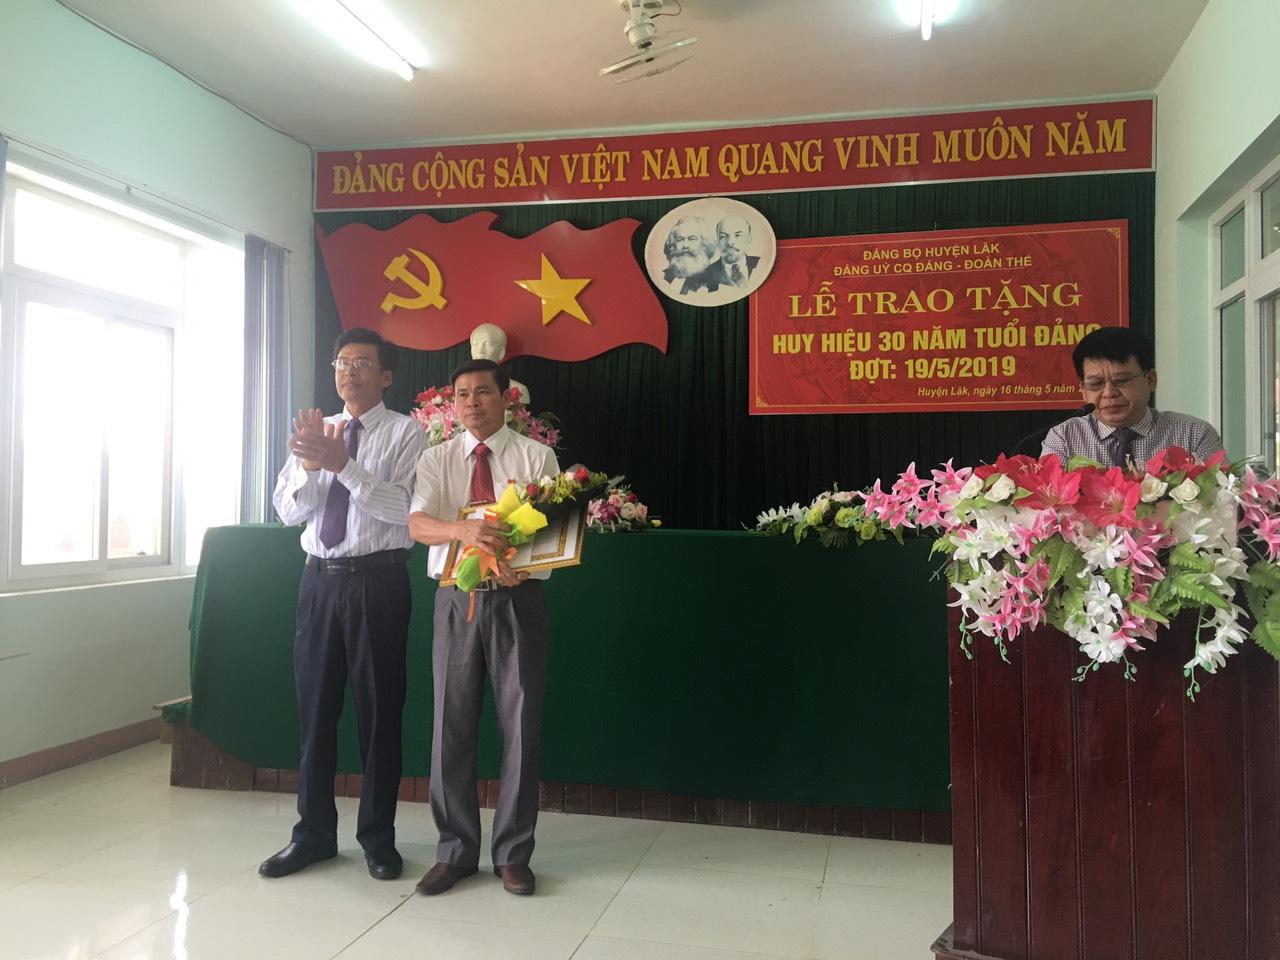 Huyện Lắk trao Huy hiệu Đảng đợt 19-5